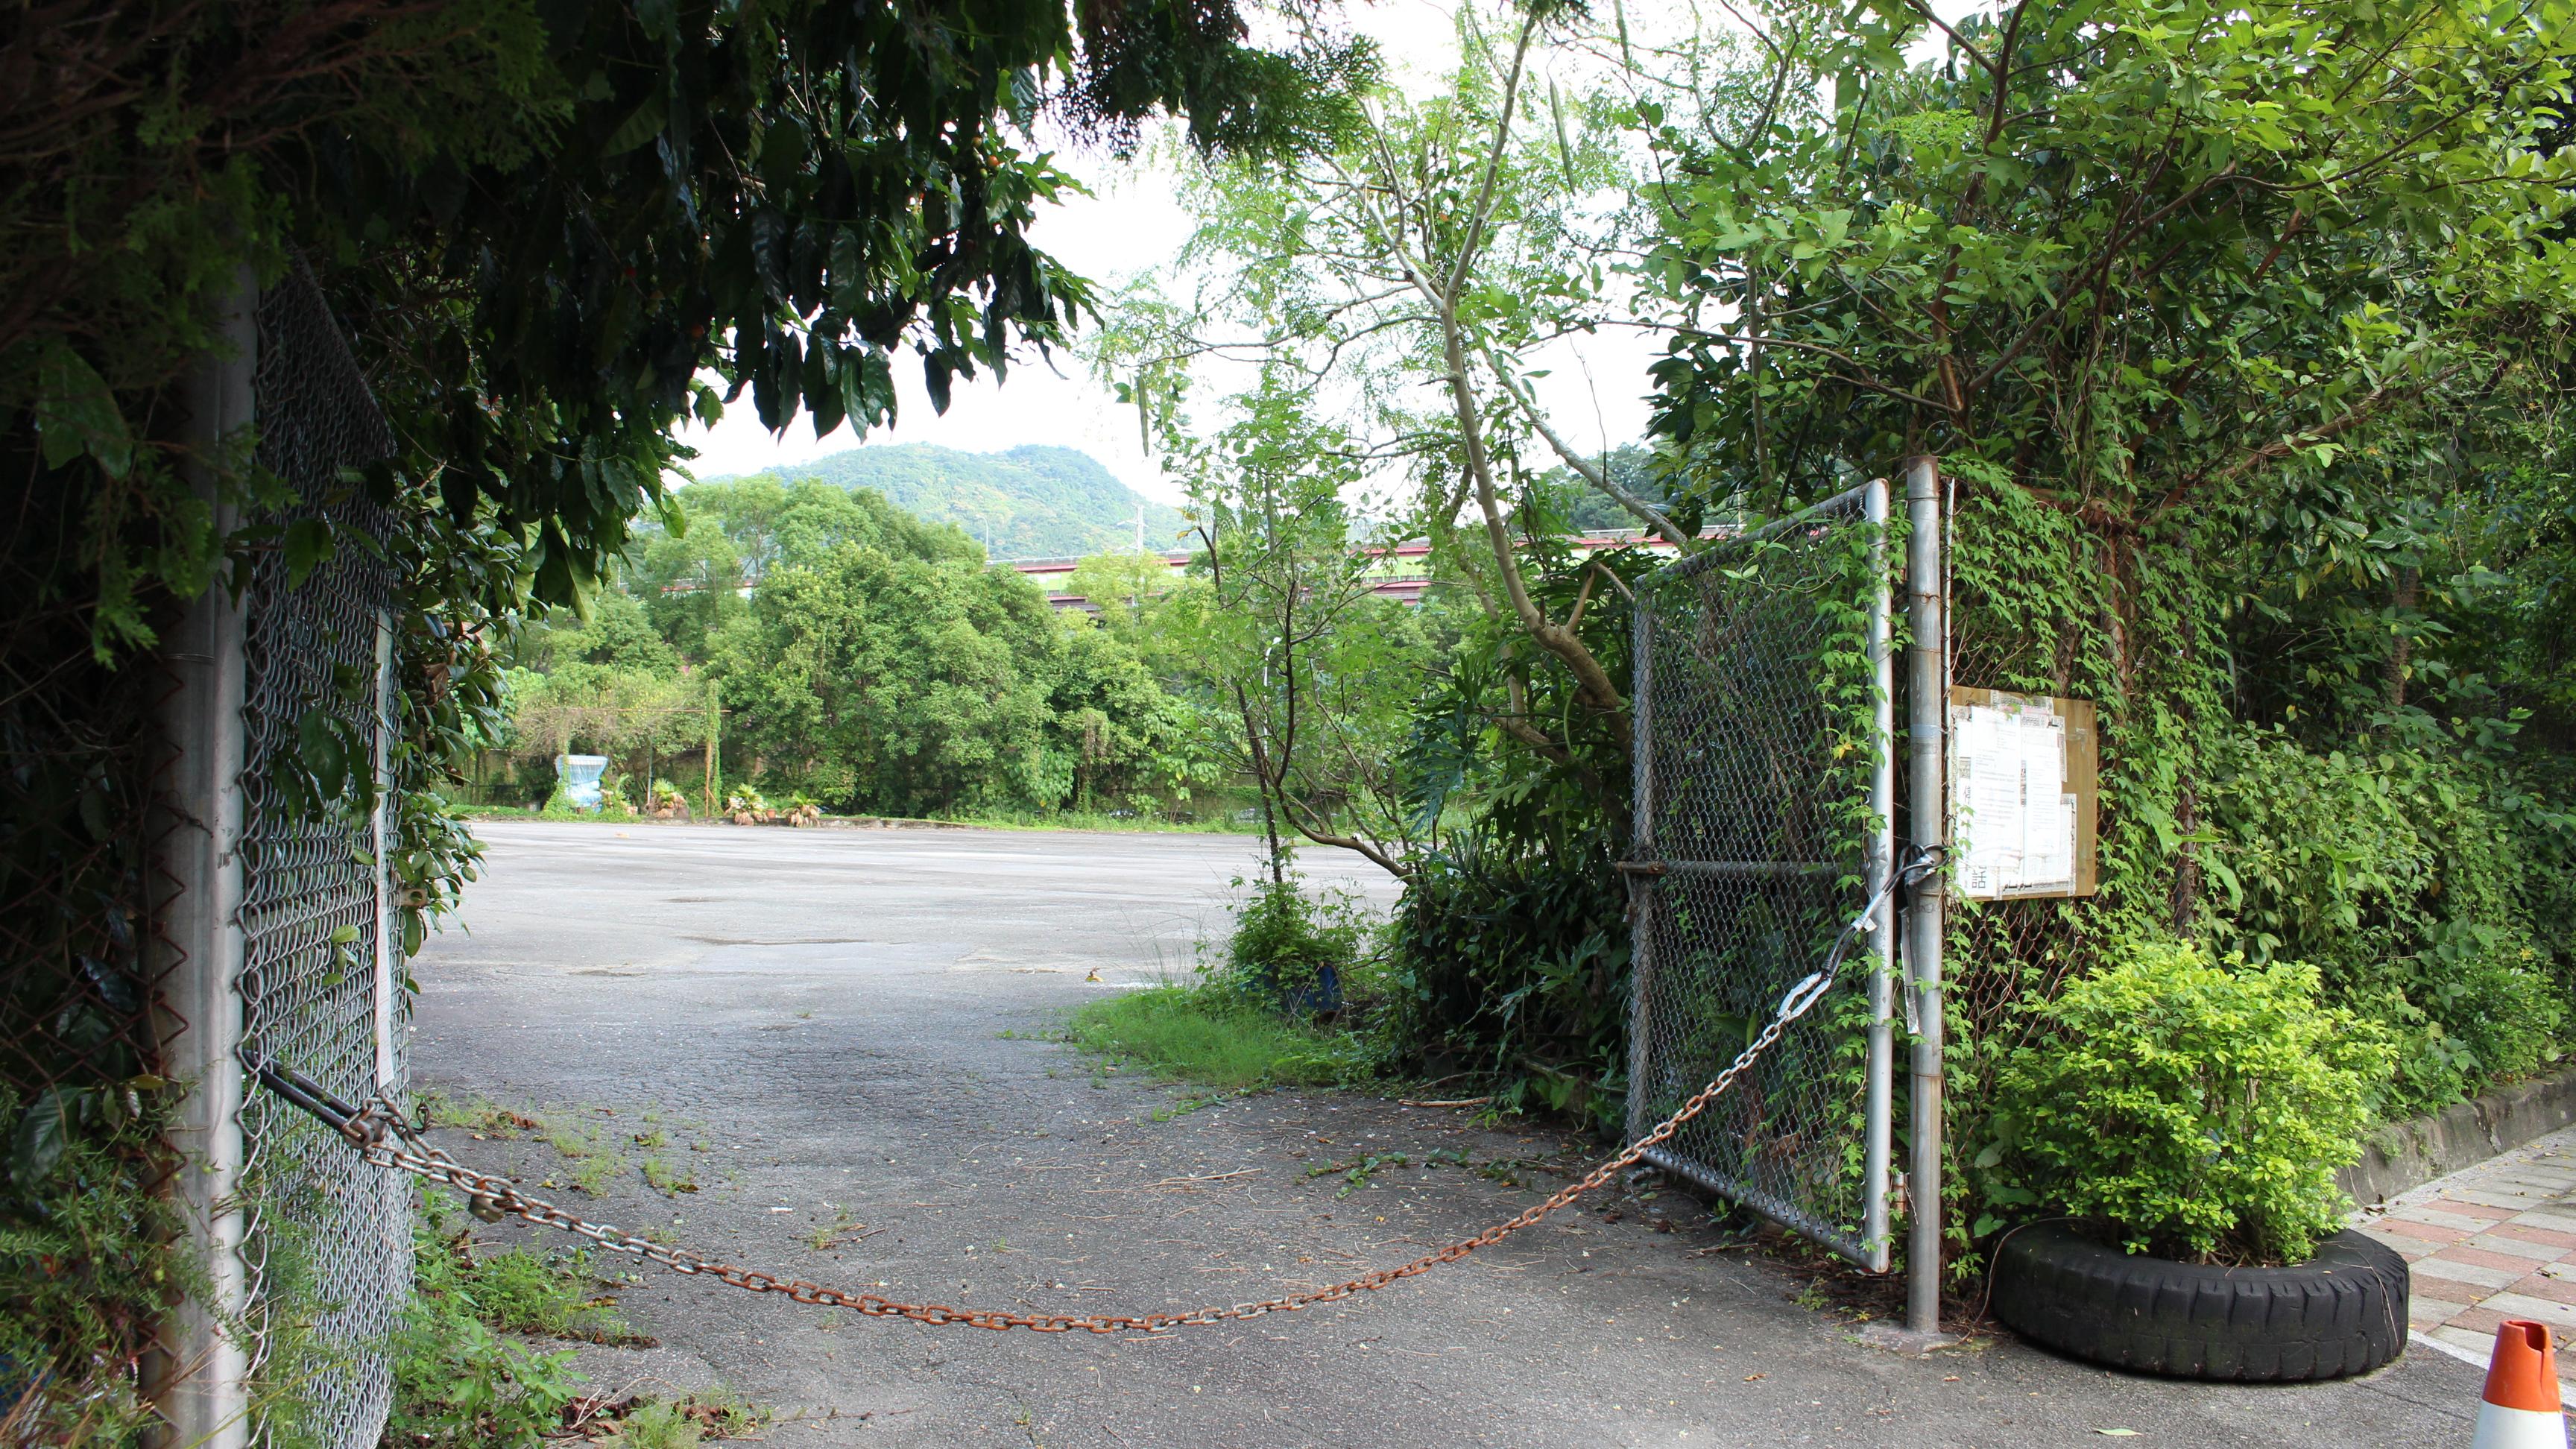 社區的公有地運用,比起公宅,居民表示更需公園綠地及停車場。